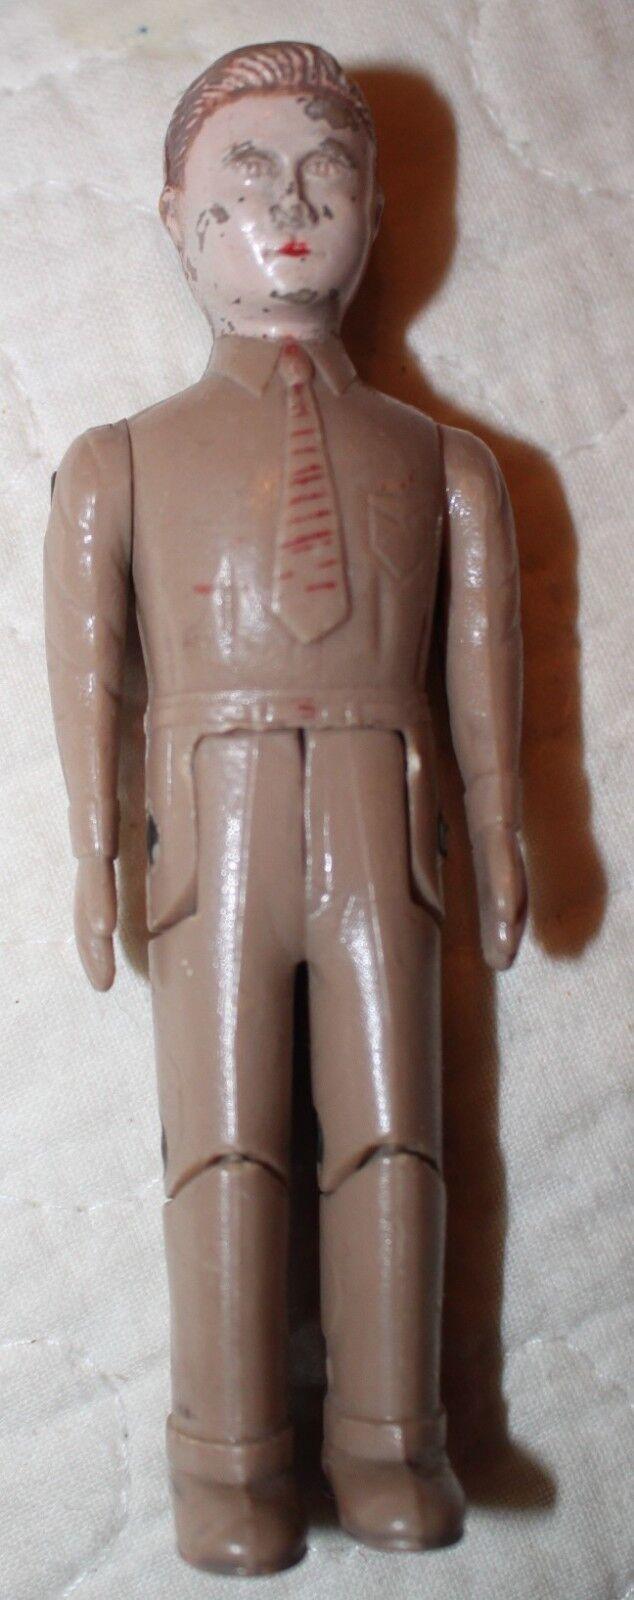 Renwal muñeca casa Articulado Figura Hombre Vintage & Auténtico  42